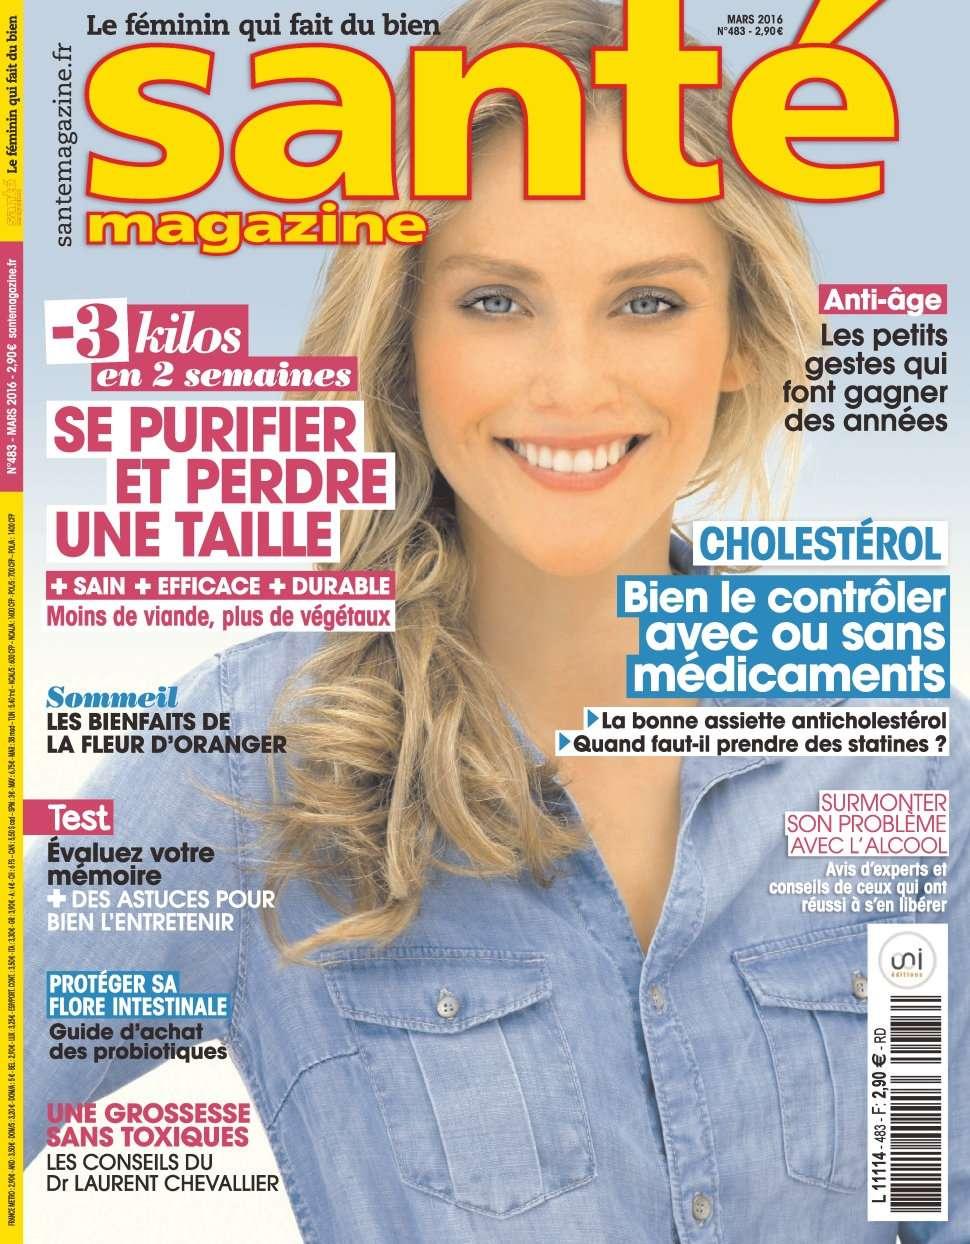 Santé magazine 483 - Mars 2016